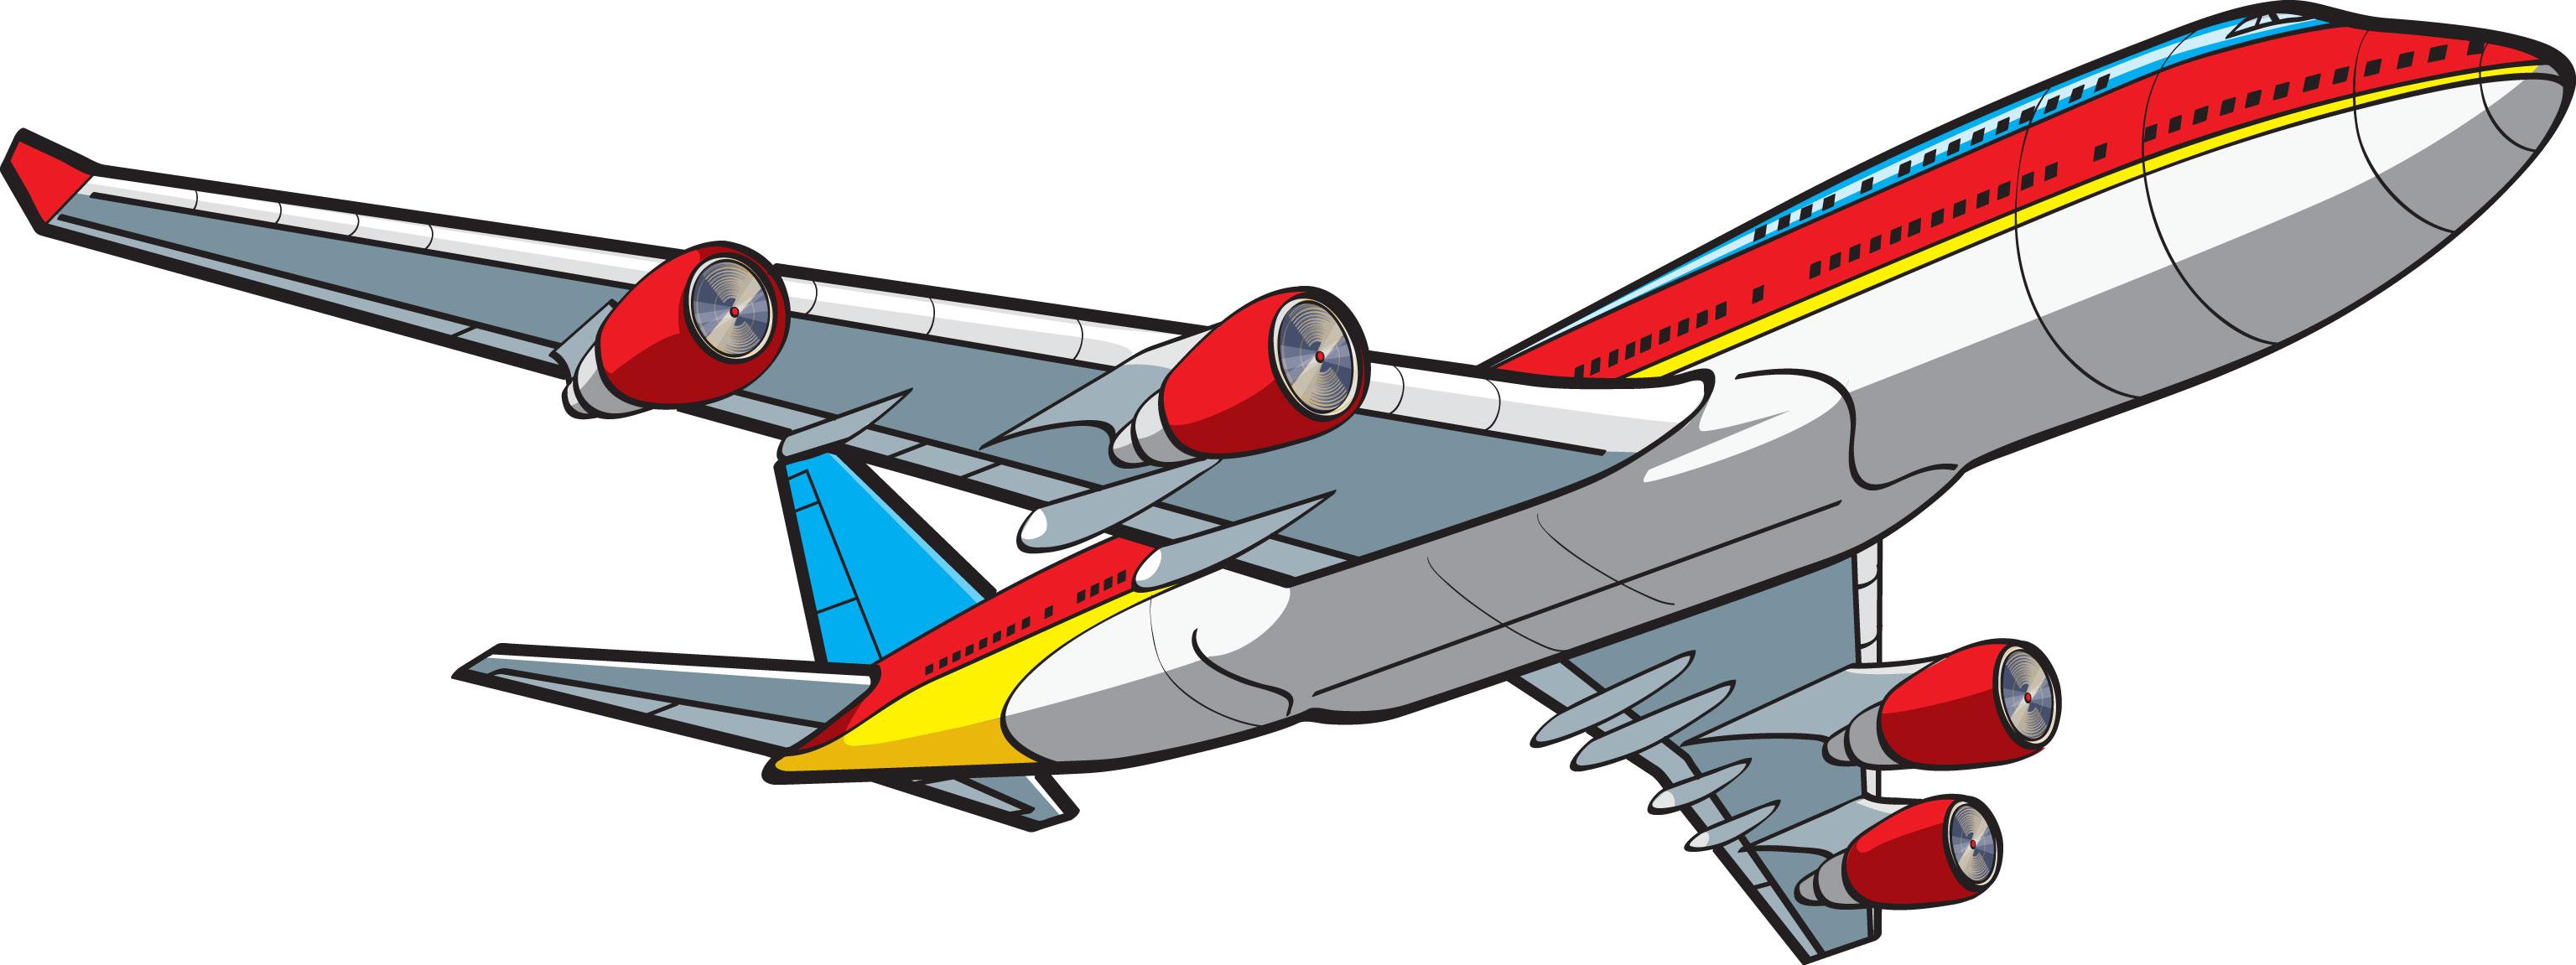 3072x1151 Clip Art Airplane Travel Clipart